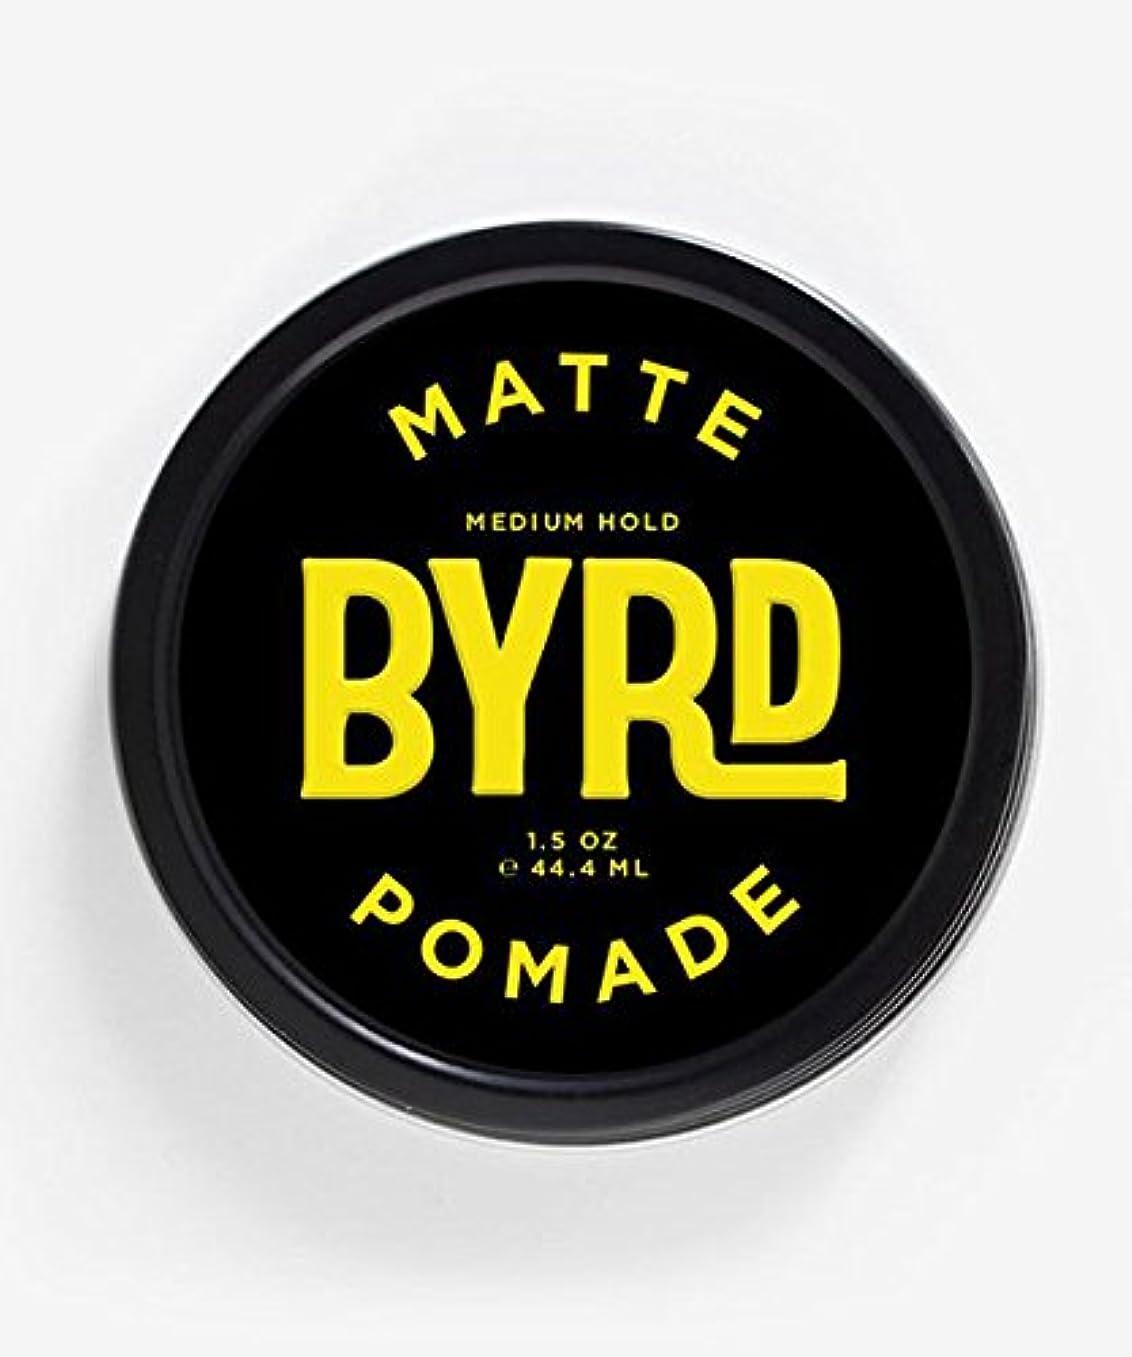 優しさおっとだますBYRD(バード) マットポマード 42g